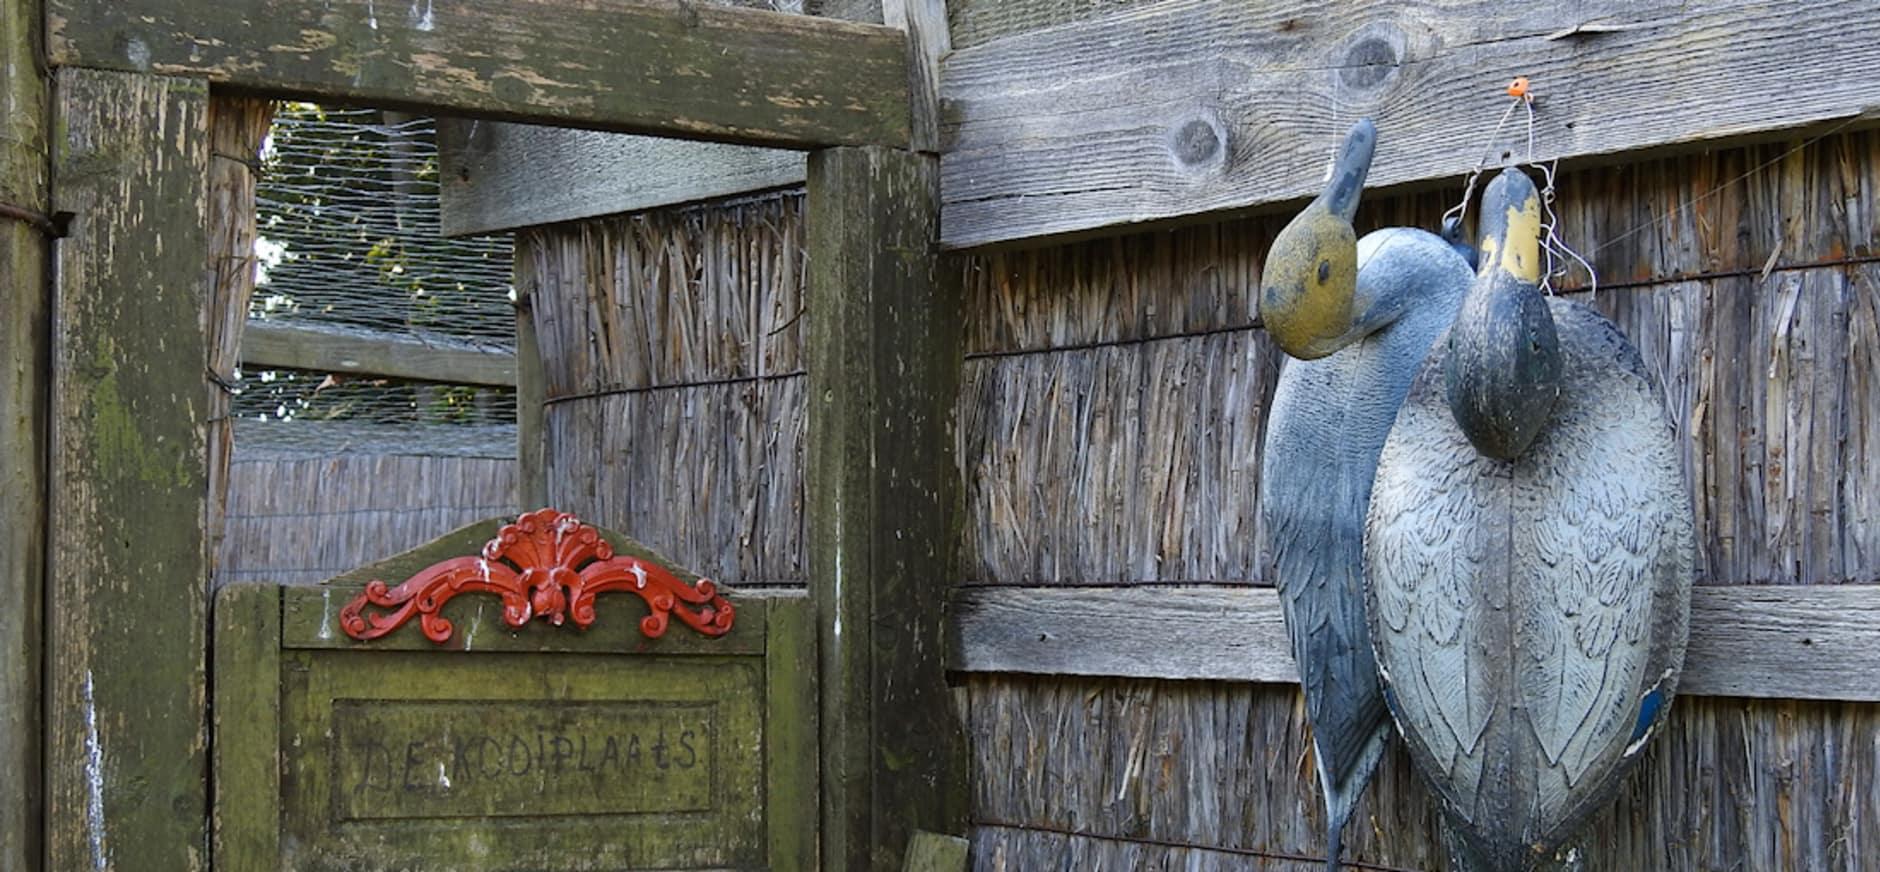 vangpijp van de eendenkooi op Schiermonnikoog